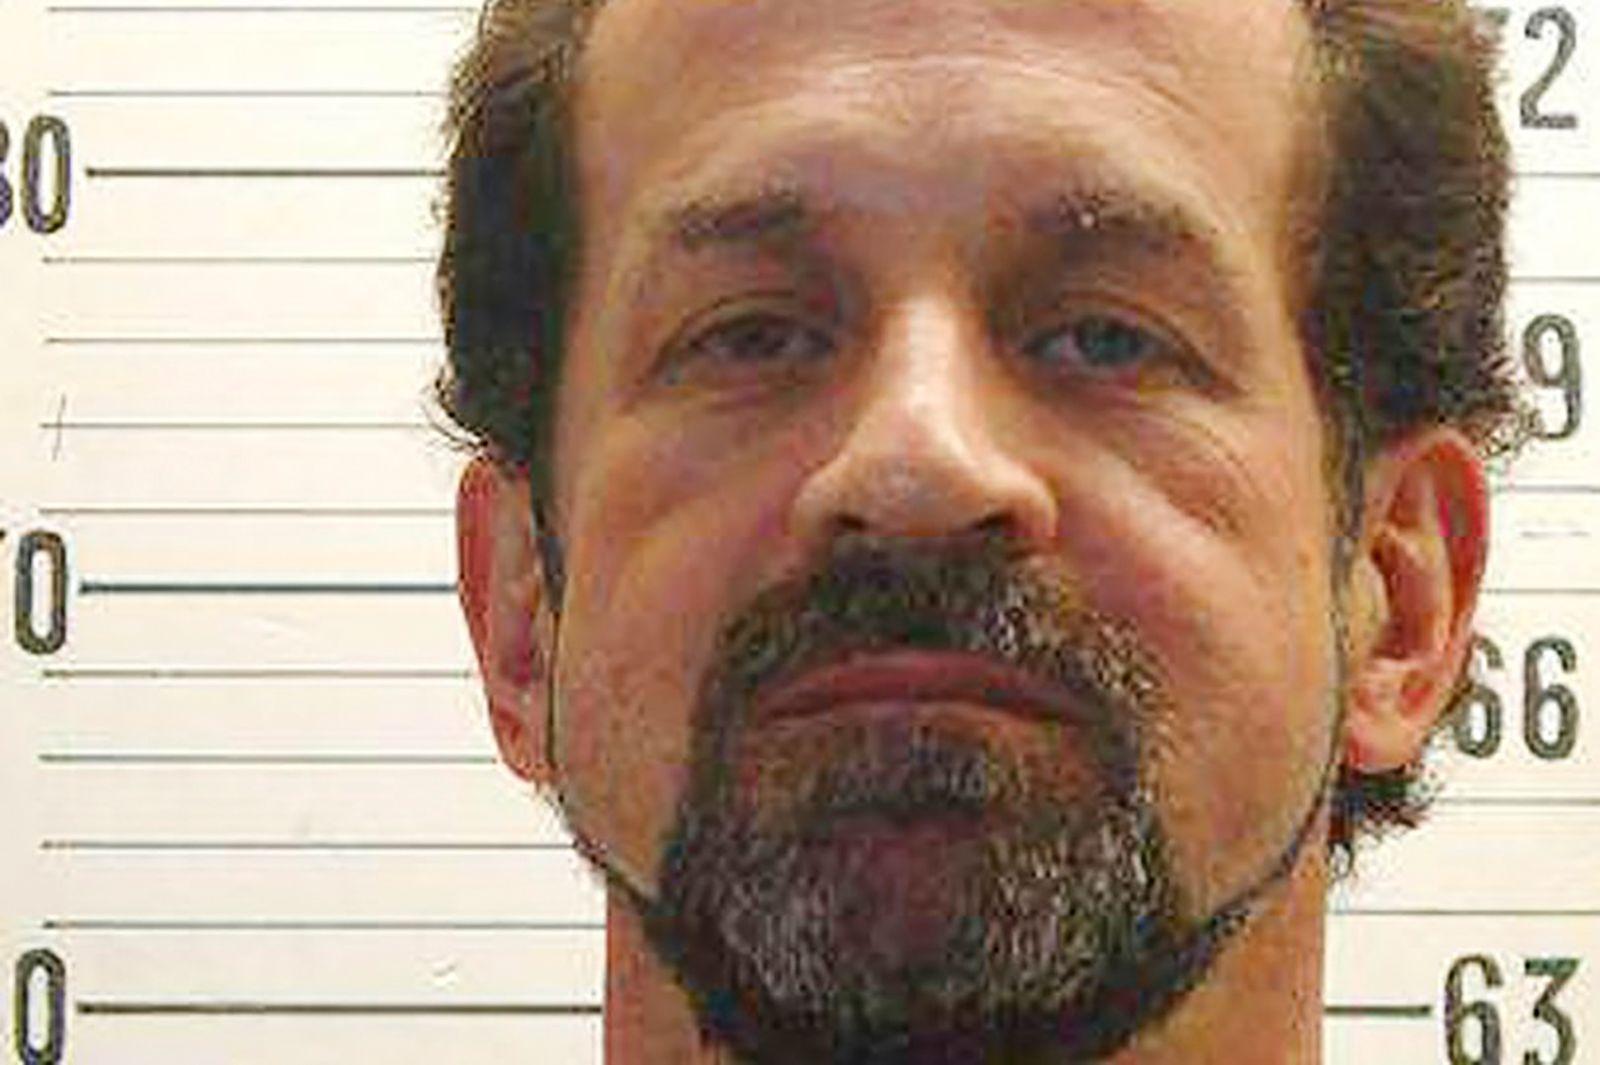 US-CRIME-EXECUTION-SUTTON